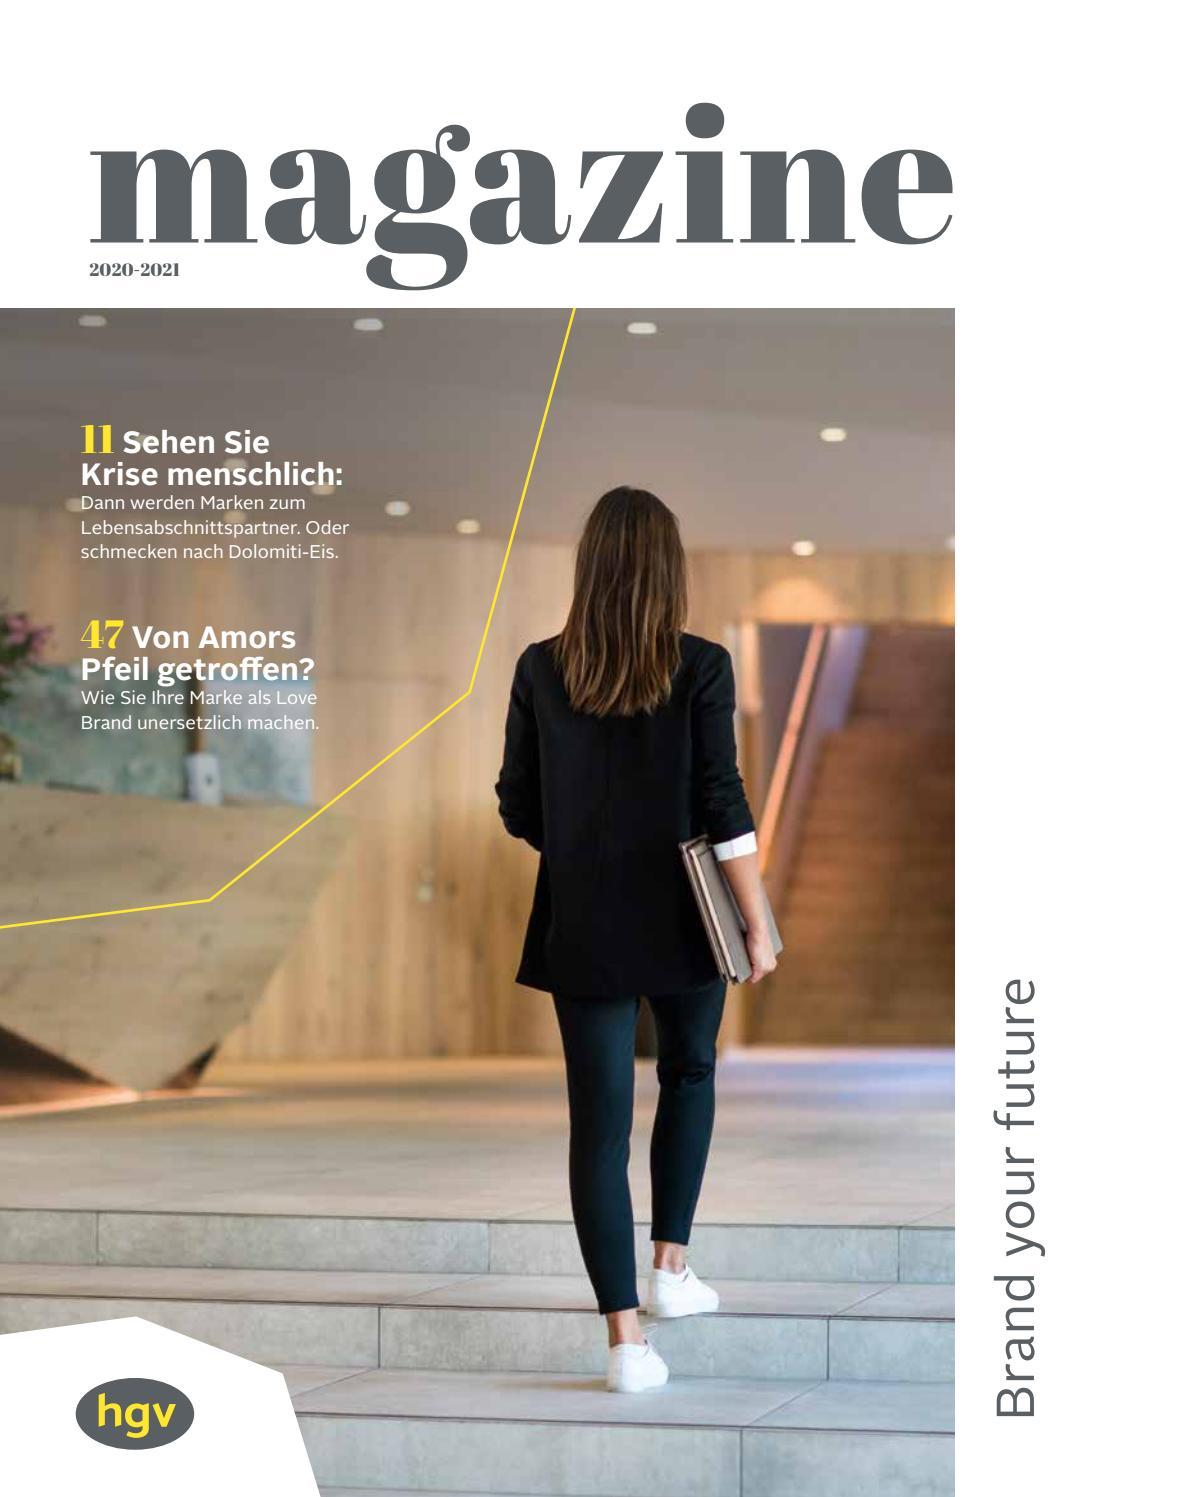 magazine 10/10 des Hoteliers  und Gastwirteverbandes HGV mit ...